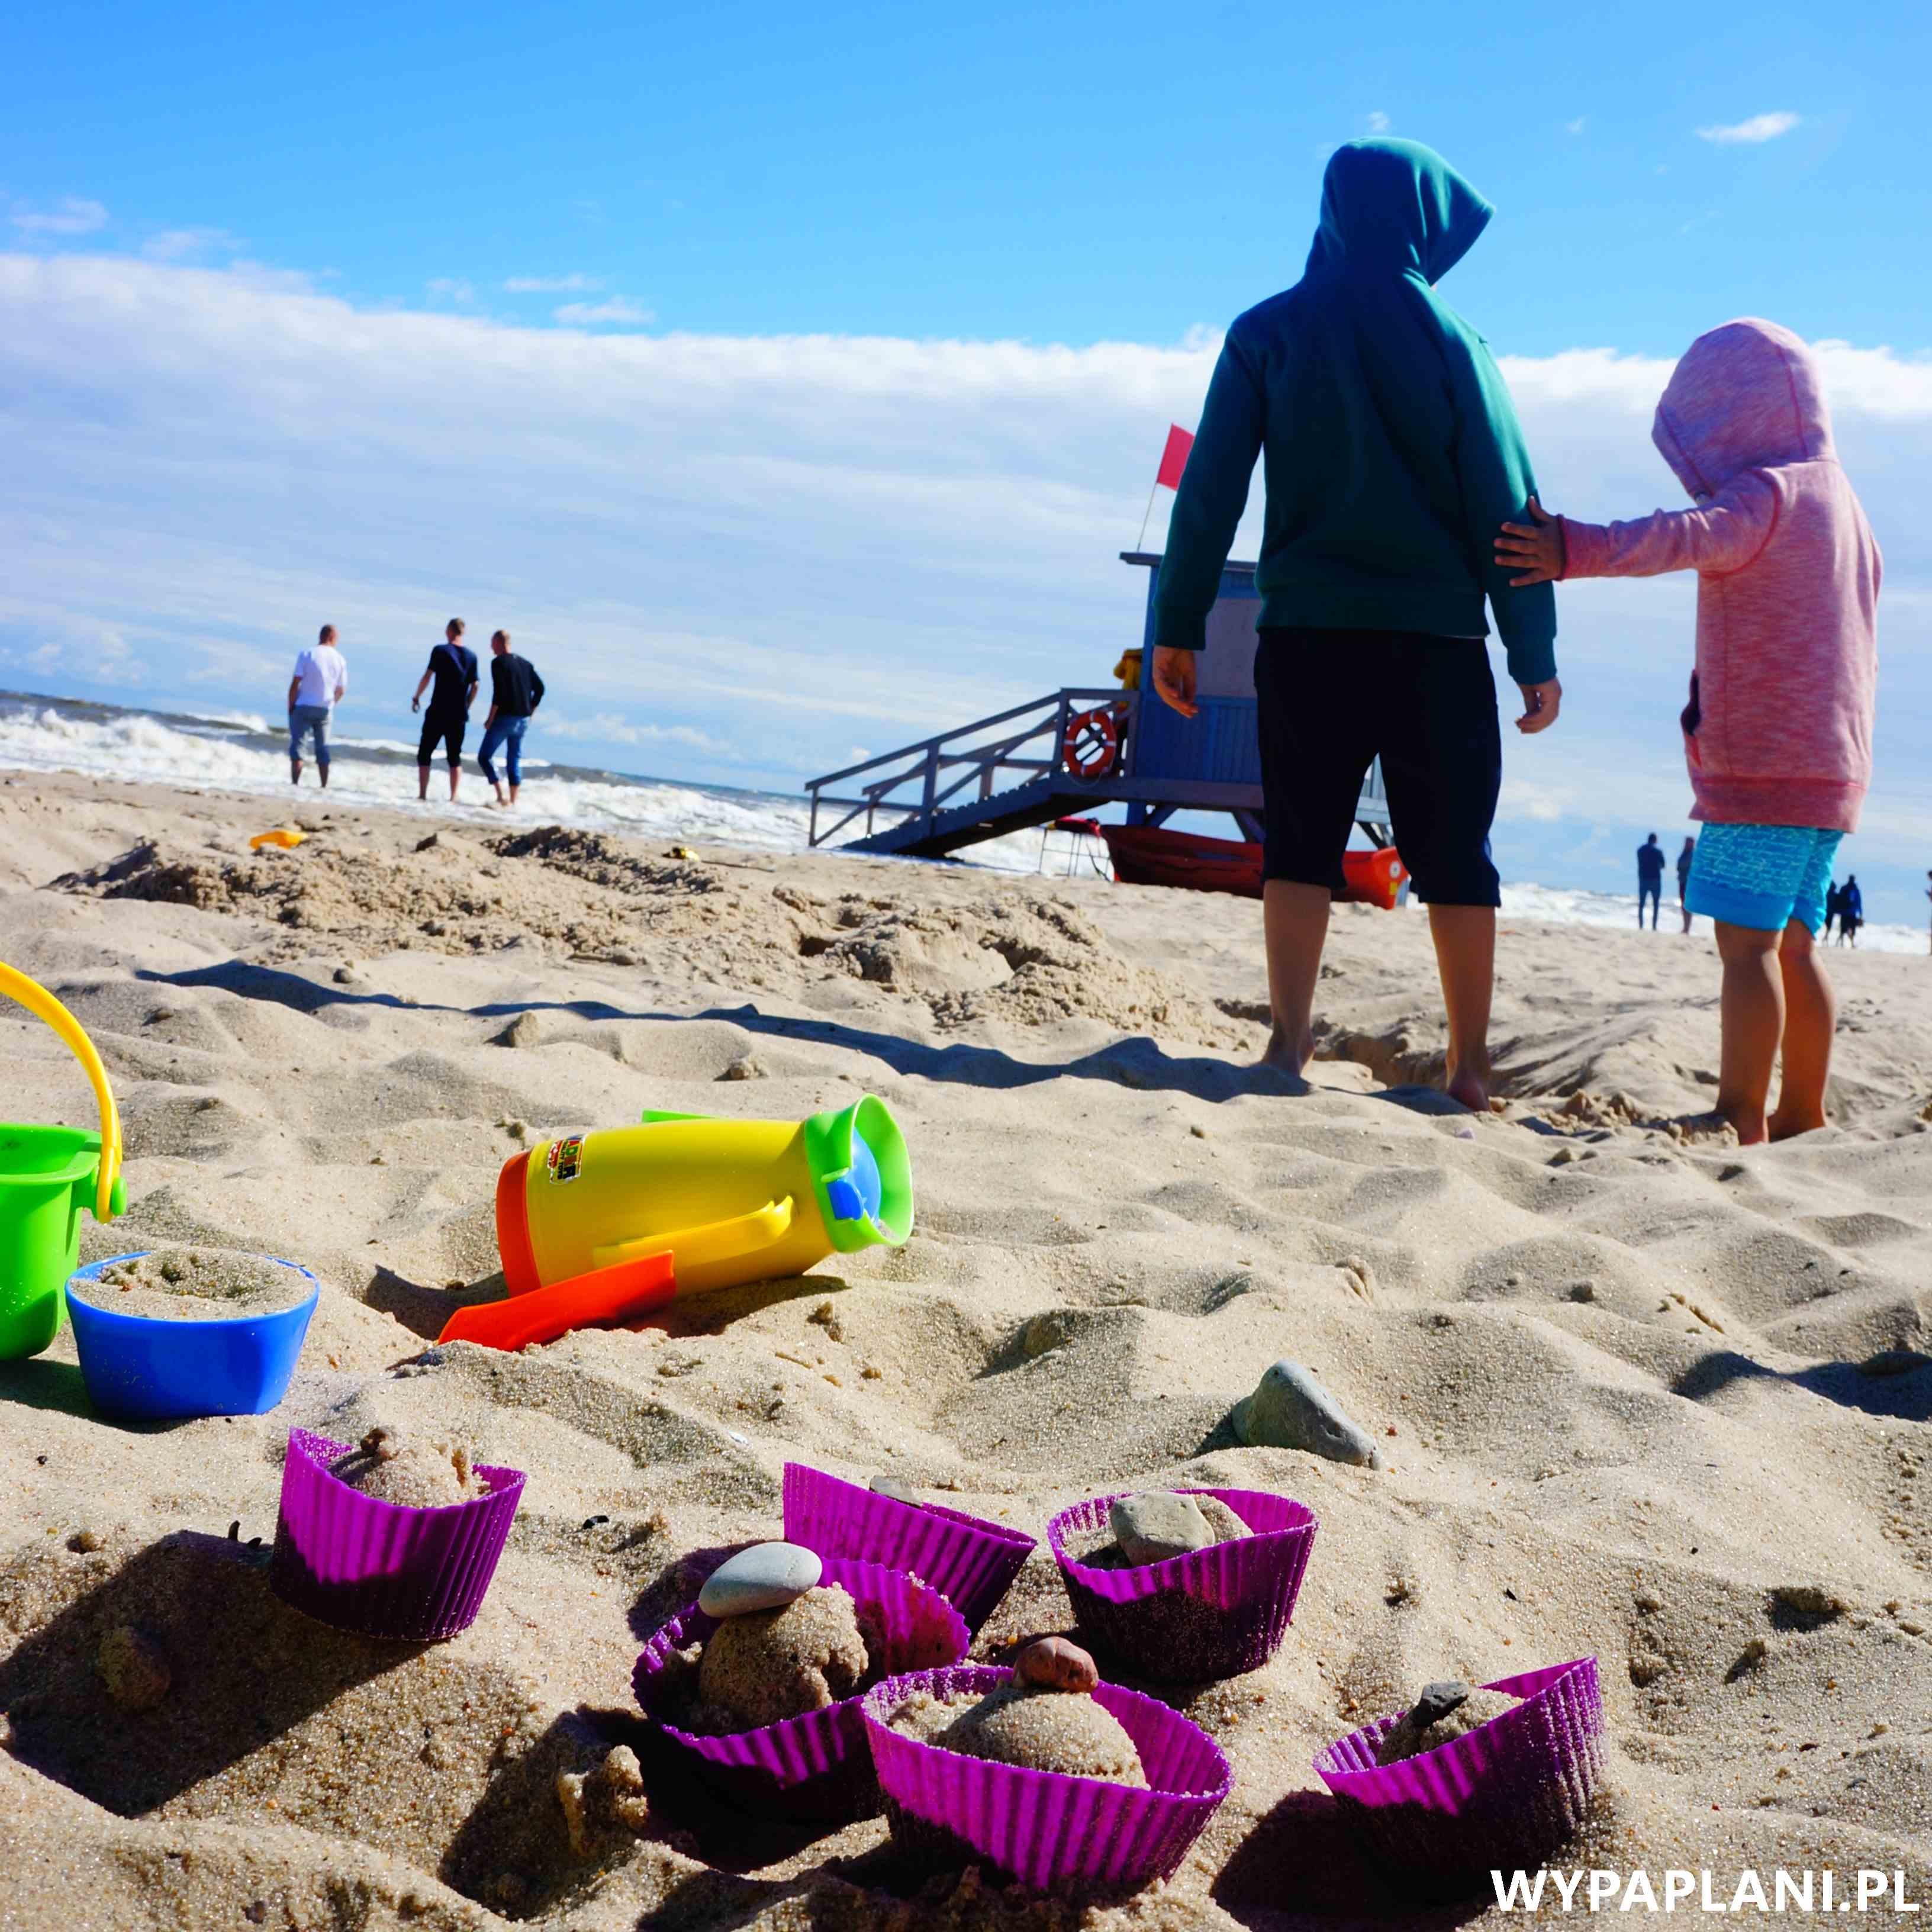 019_top zabawki do piasku piaskownicy na plażę